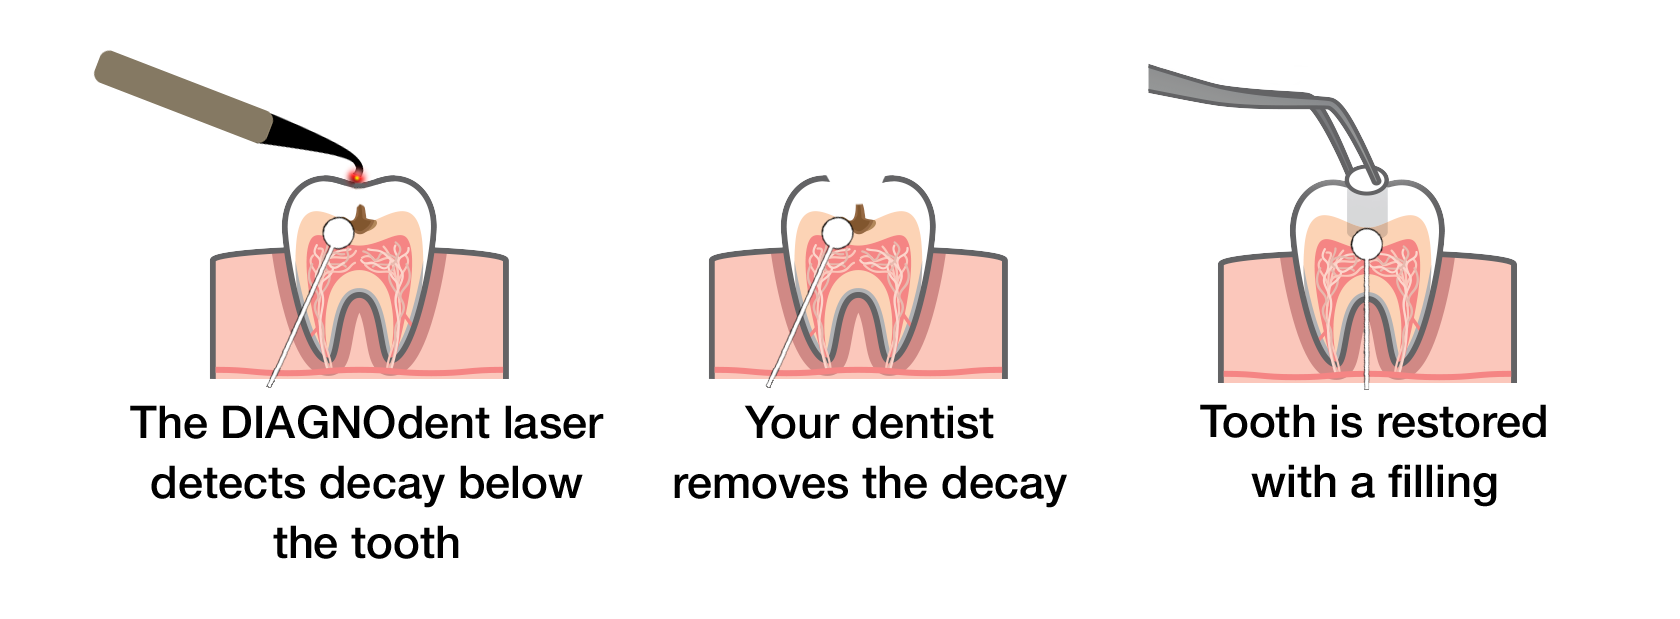 Treatment process using DIAGNOdent